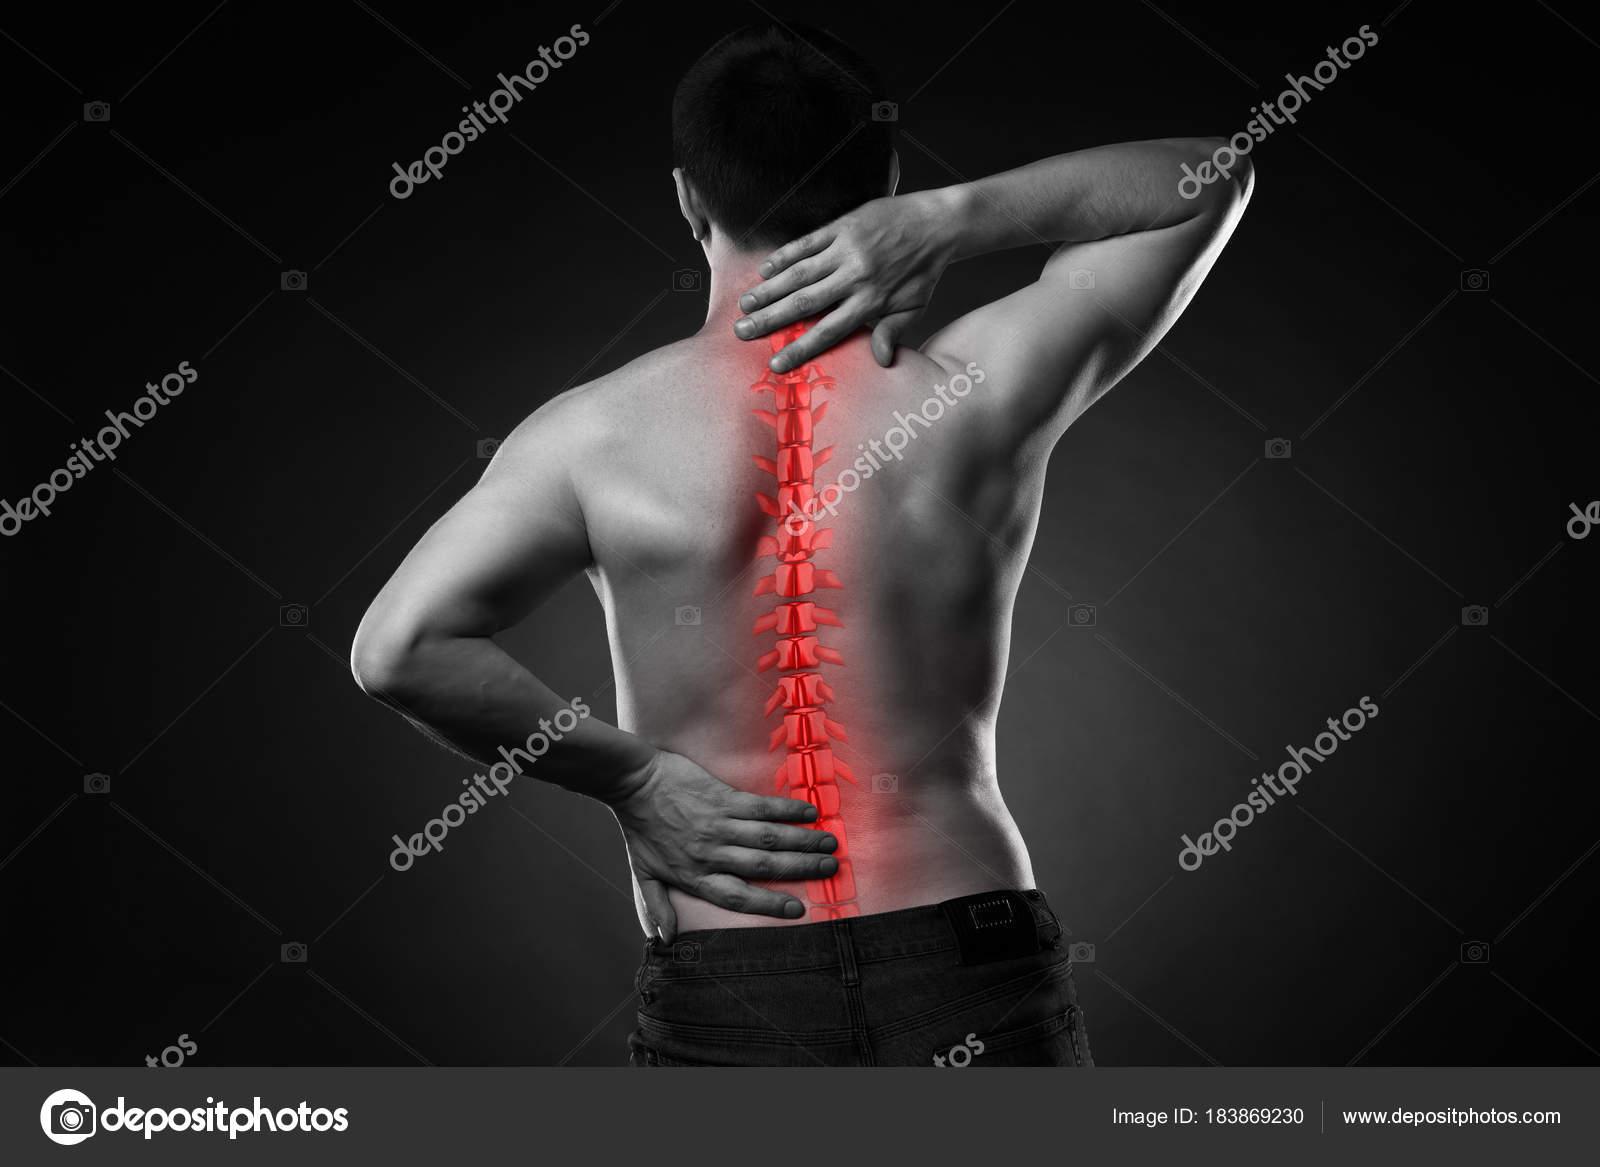 Dolor en la espina dorsal, un hombre con dolor de espalda, lesiones ...